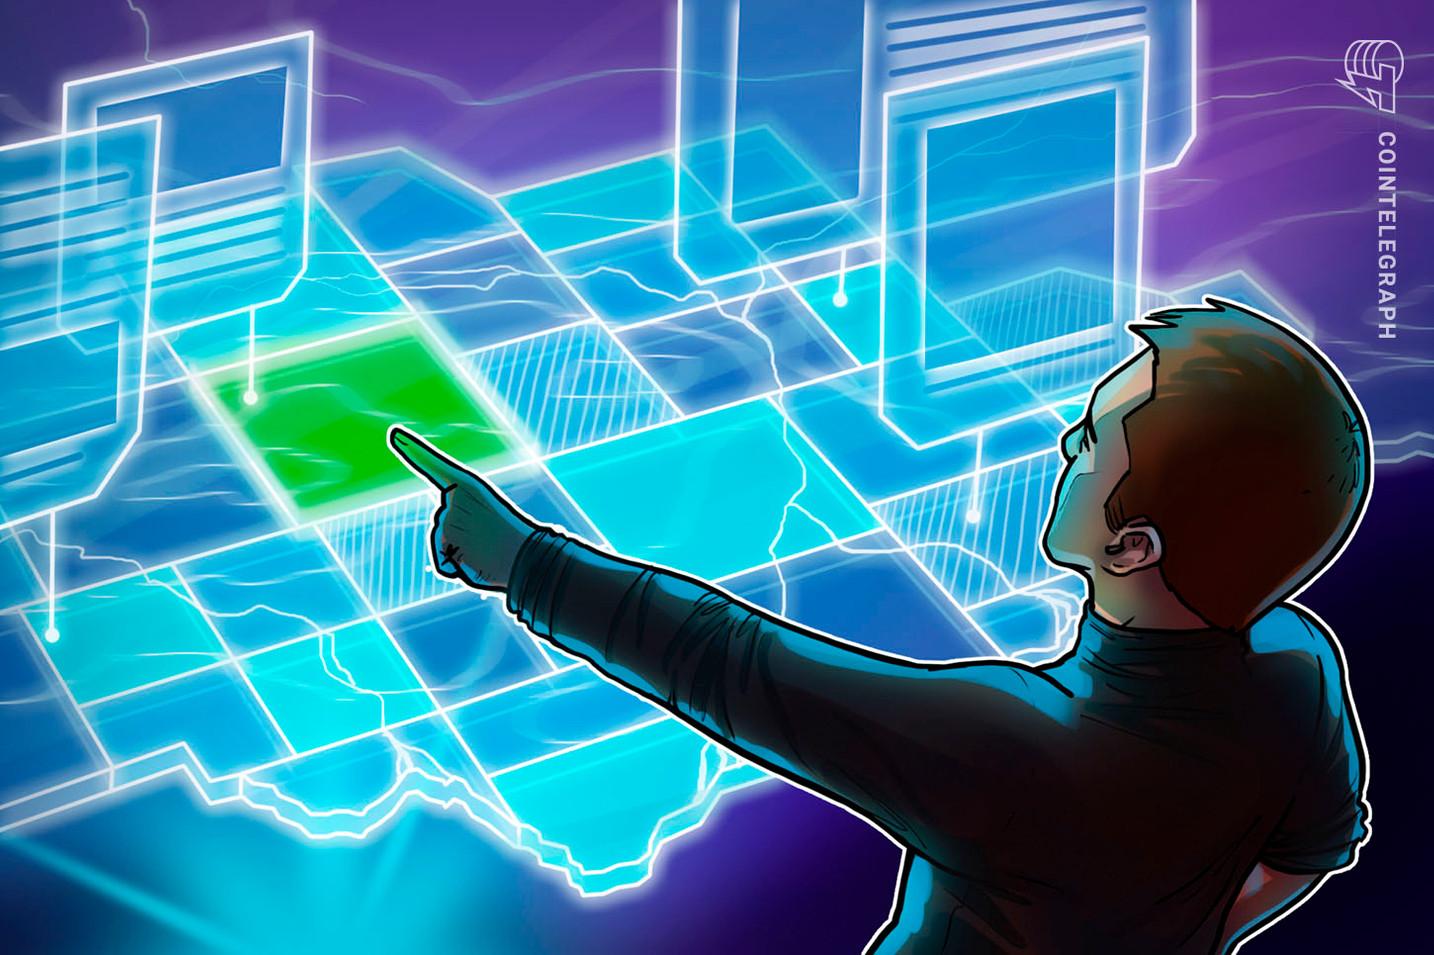 NFT oyun yaratıcısı, Axie Infinity sanal alanını bir yılda %9,200 kazanç için çeviriyor